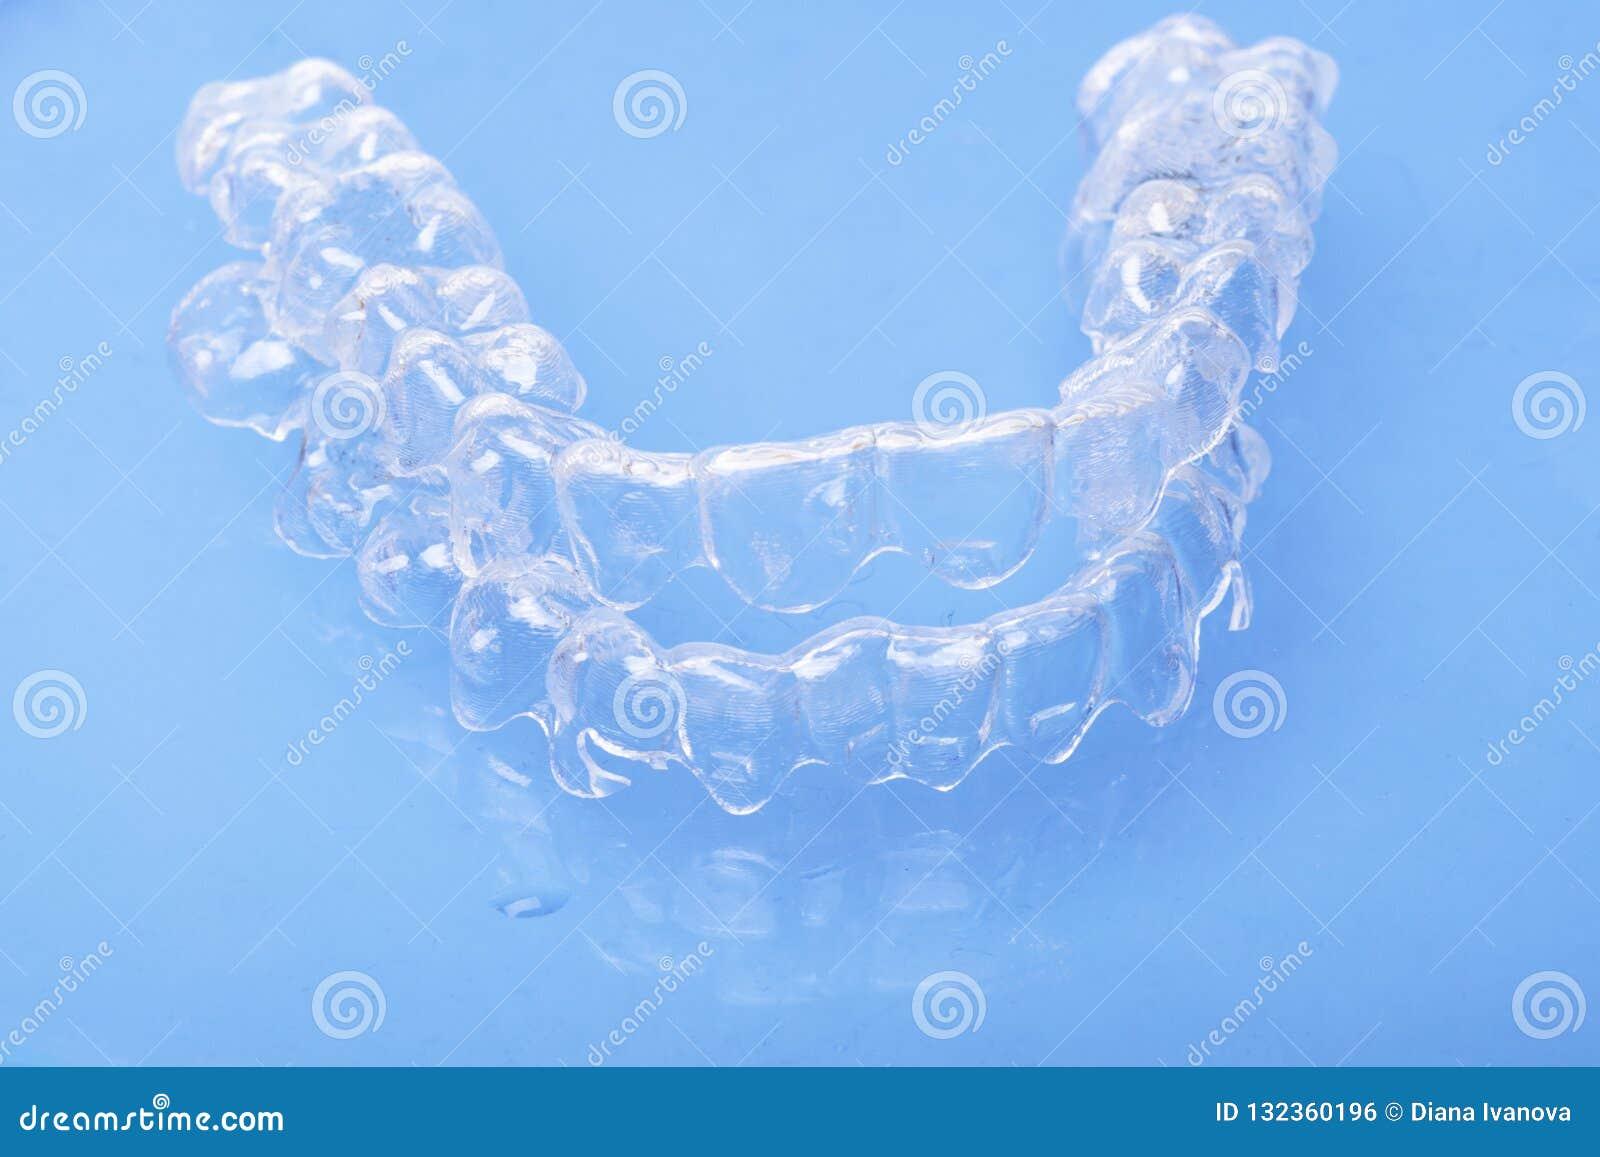 无形的牙齿牙托架牙直线对准器塑料支撑牙科保留调直牙